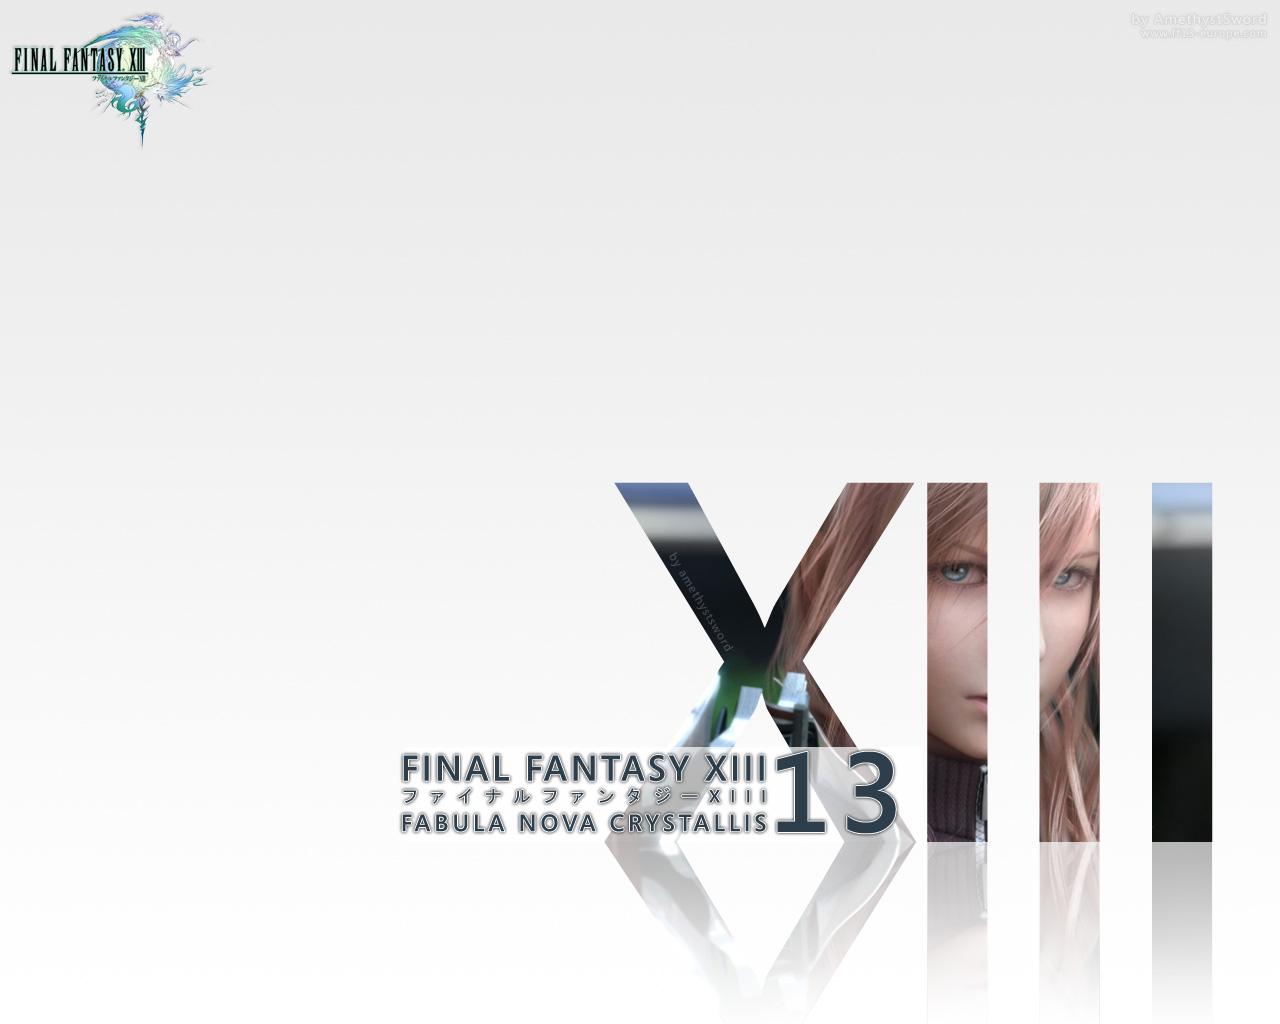 http://3.bp.blogspot.com/-45-_241eLCI/TdKN4UDEtCI/AAAAAAAABuQ/df6cNx7IxFc/s1600/Final_fantasy_xii_.jpg